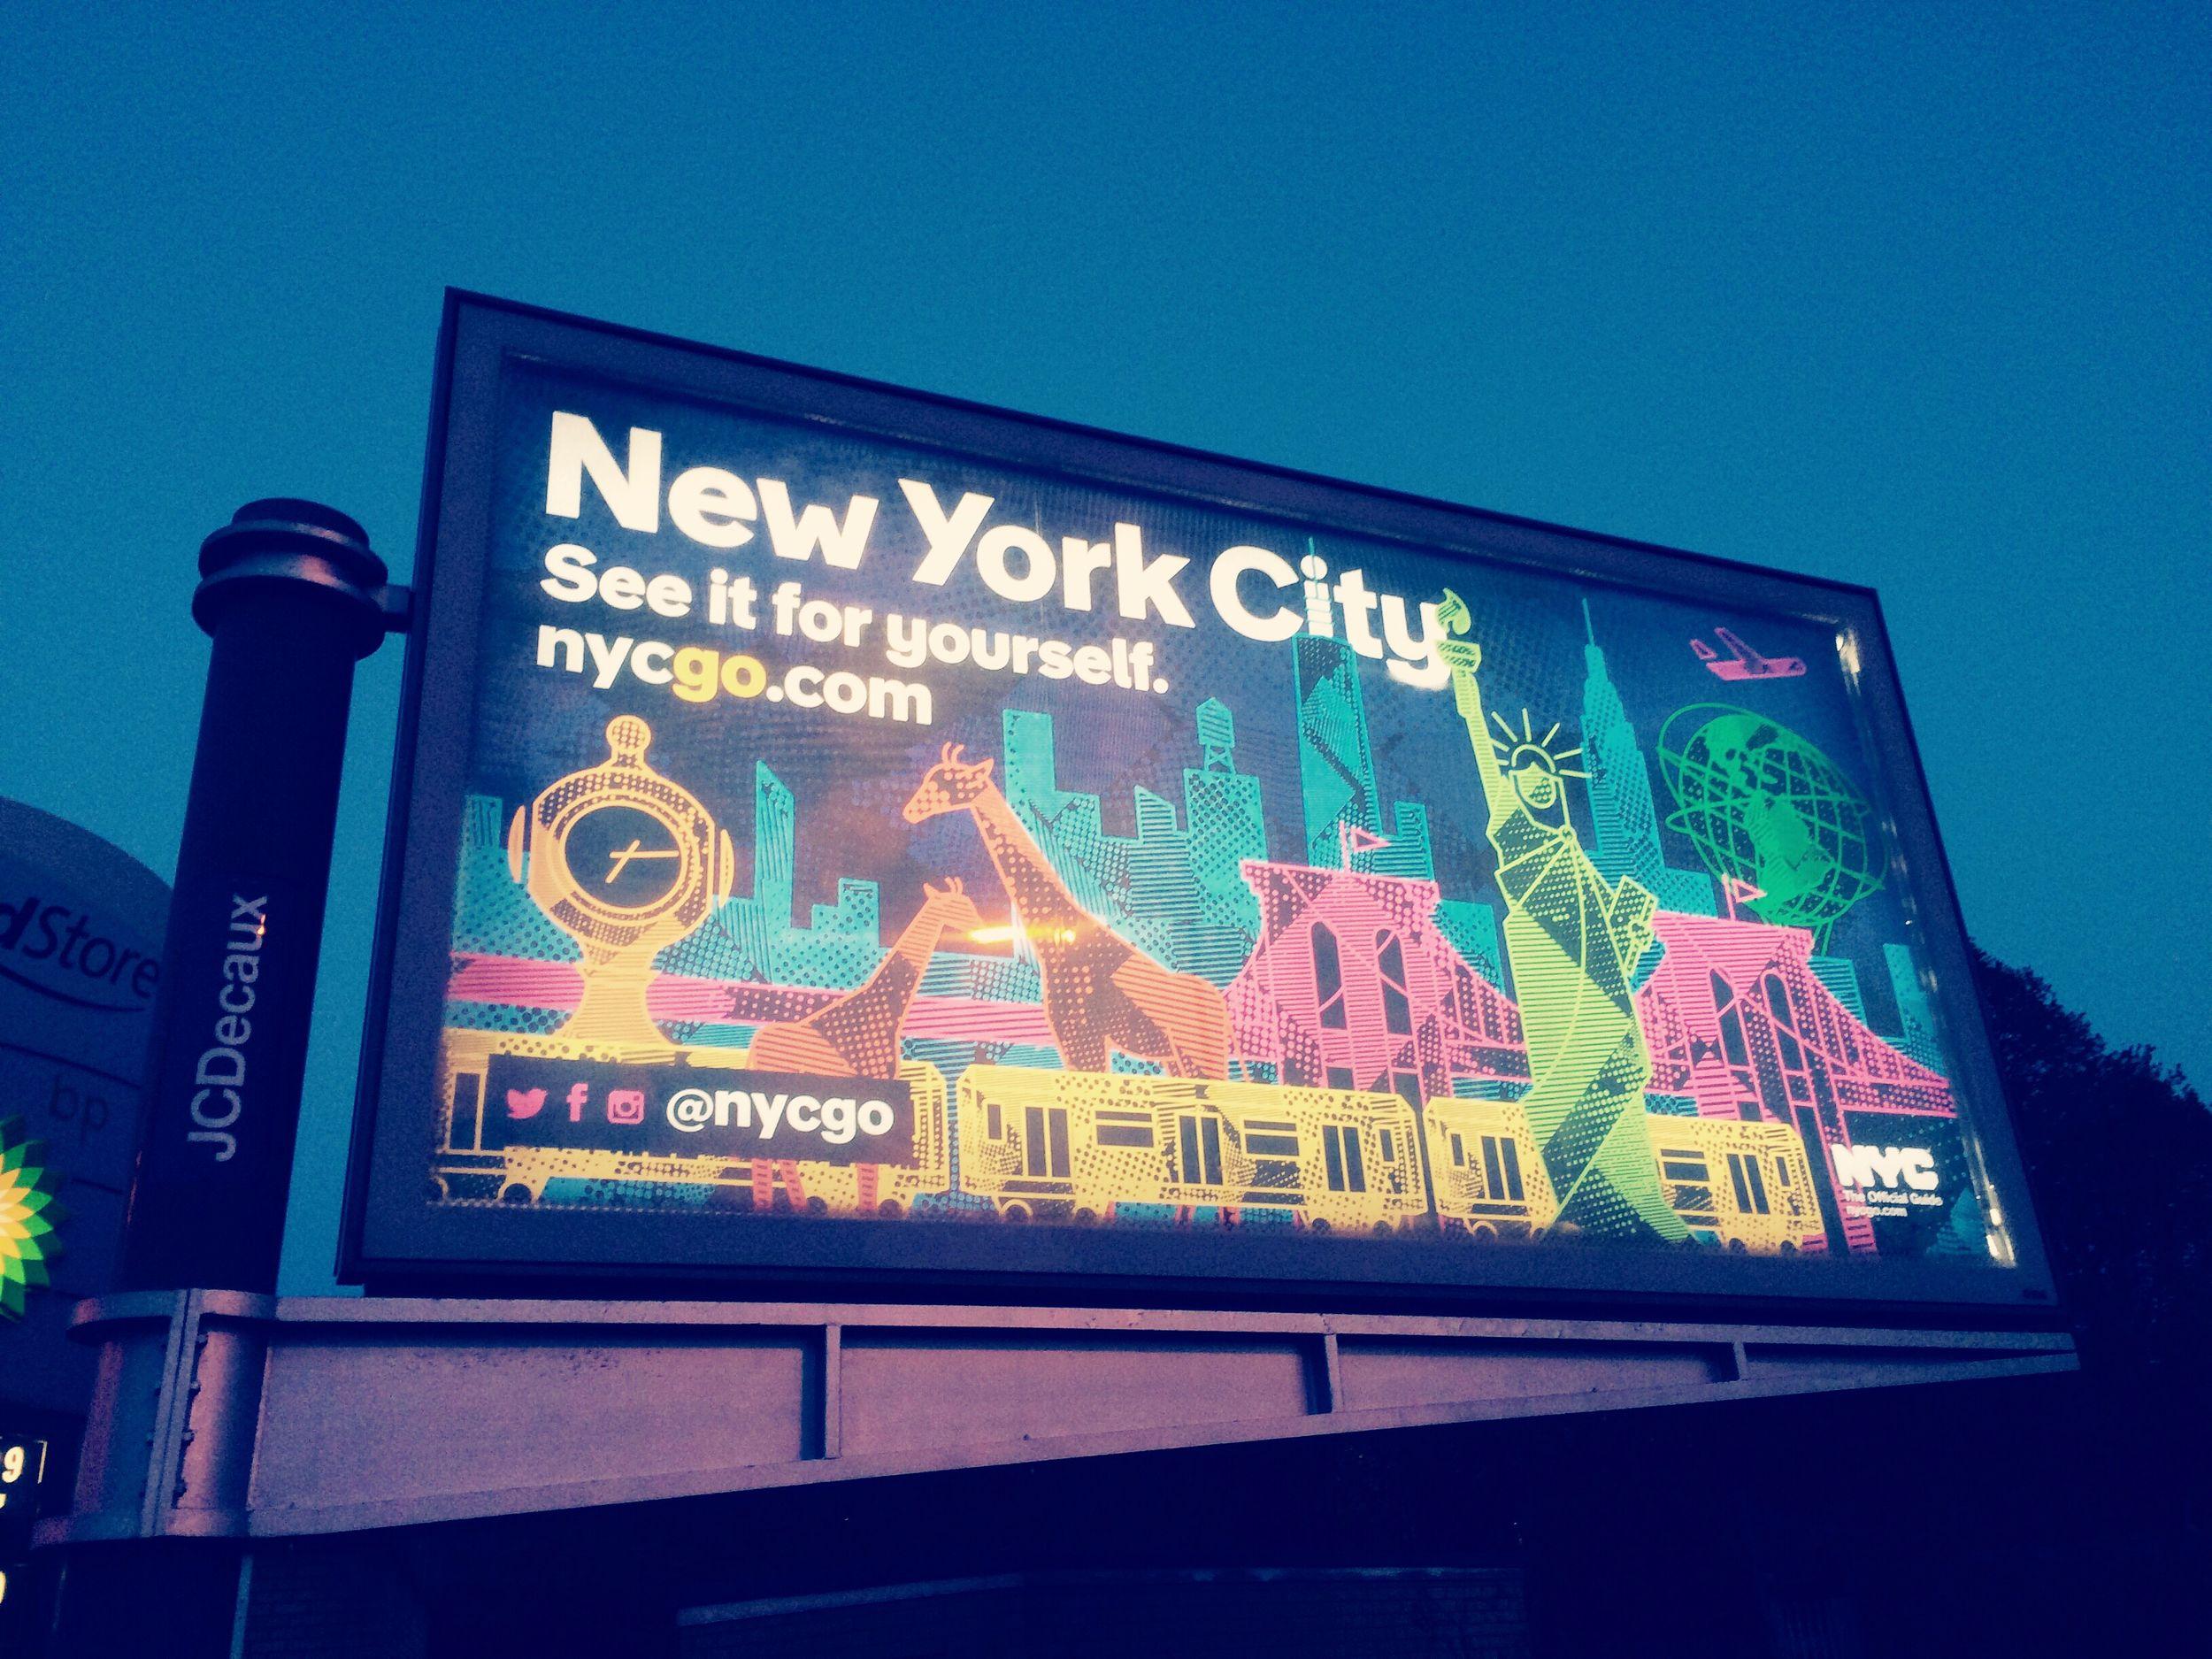 GLASGOW CITY NYC Billboard Nycgo